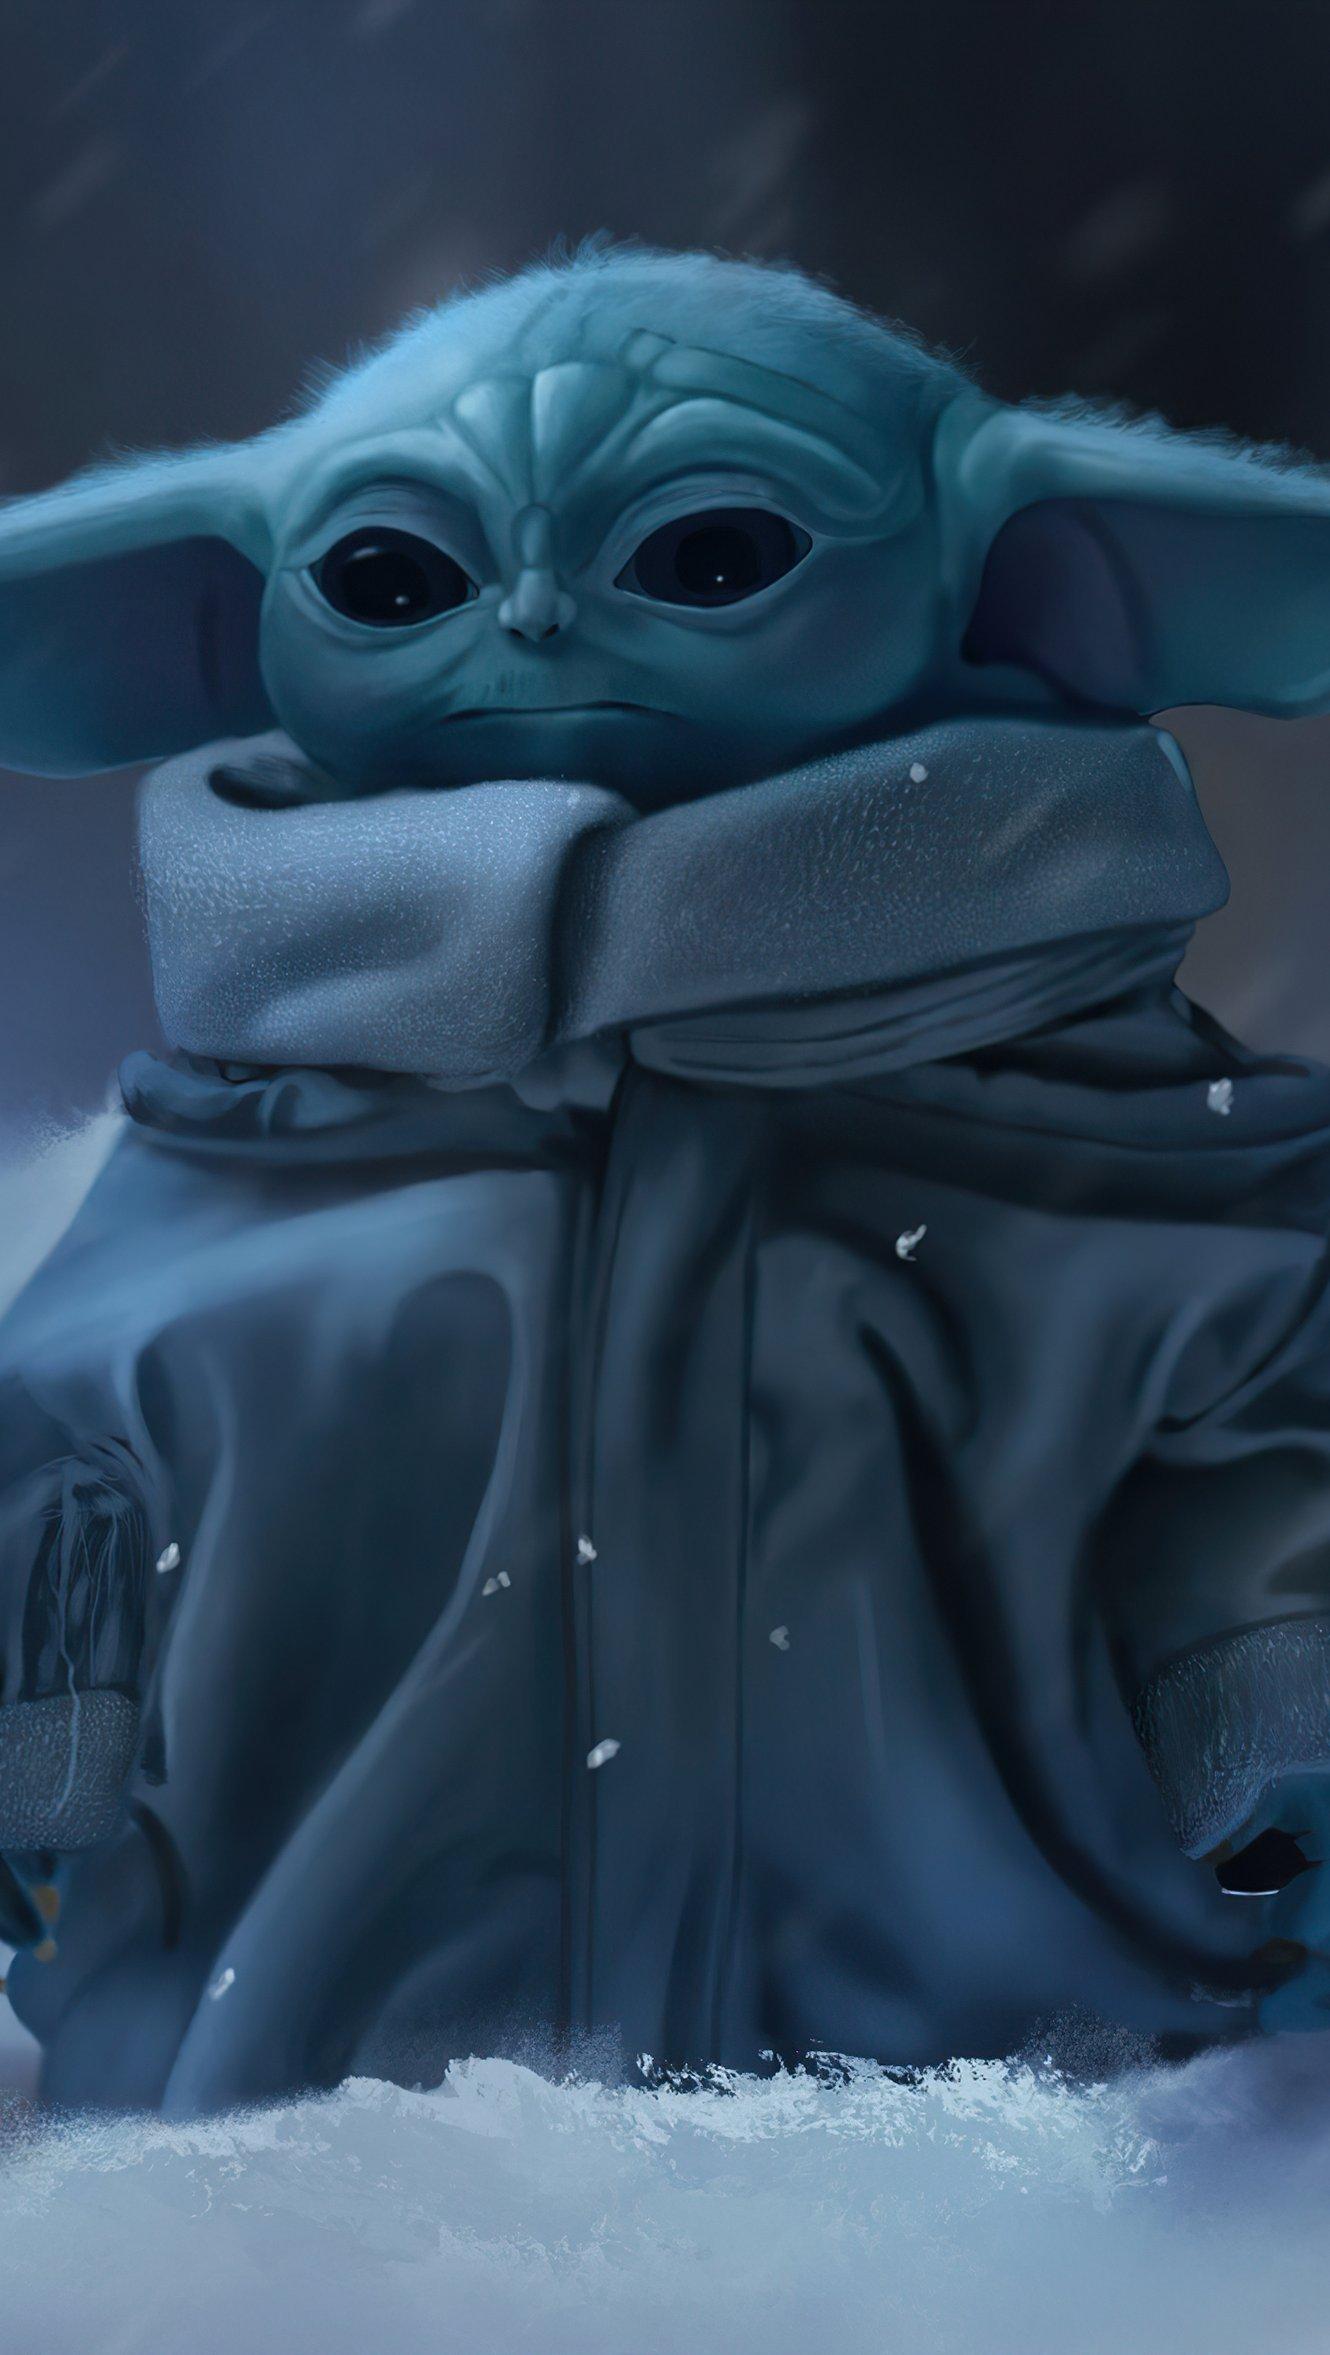 Fondos de pantalla Yoda Bebé Mandaloriano Vertical